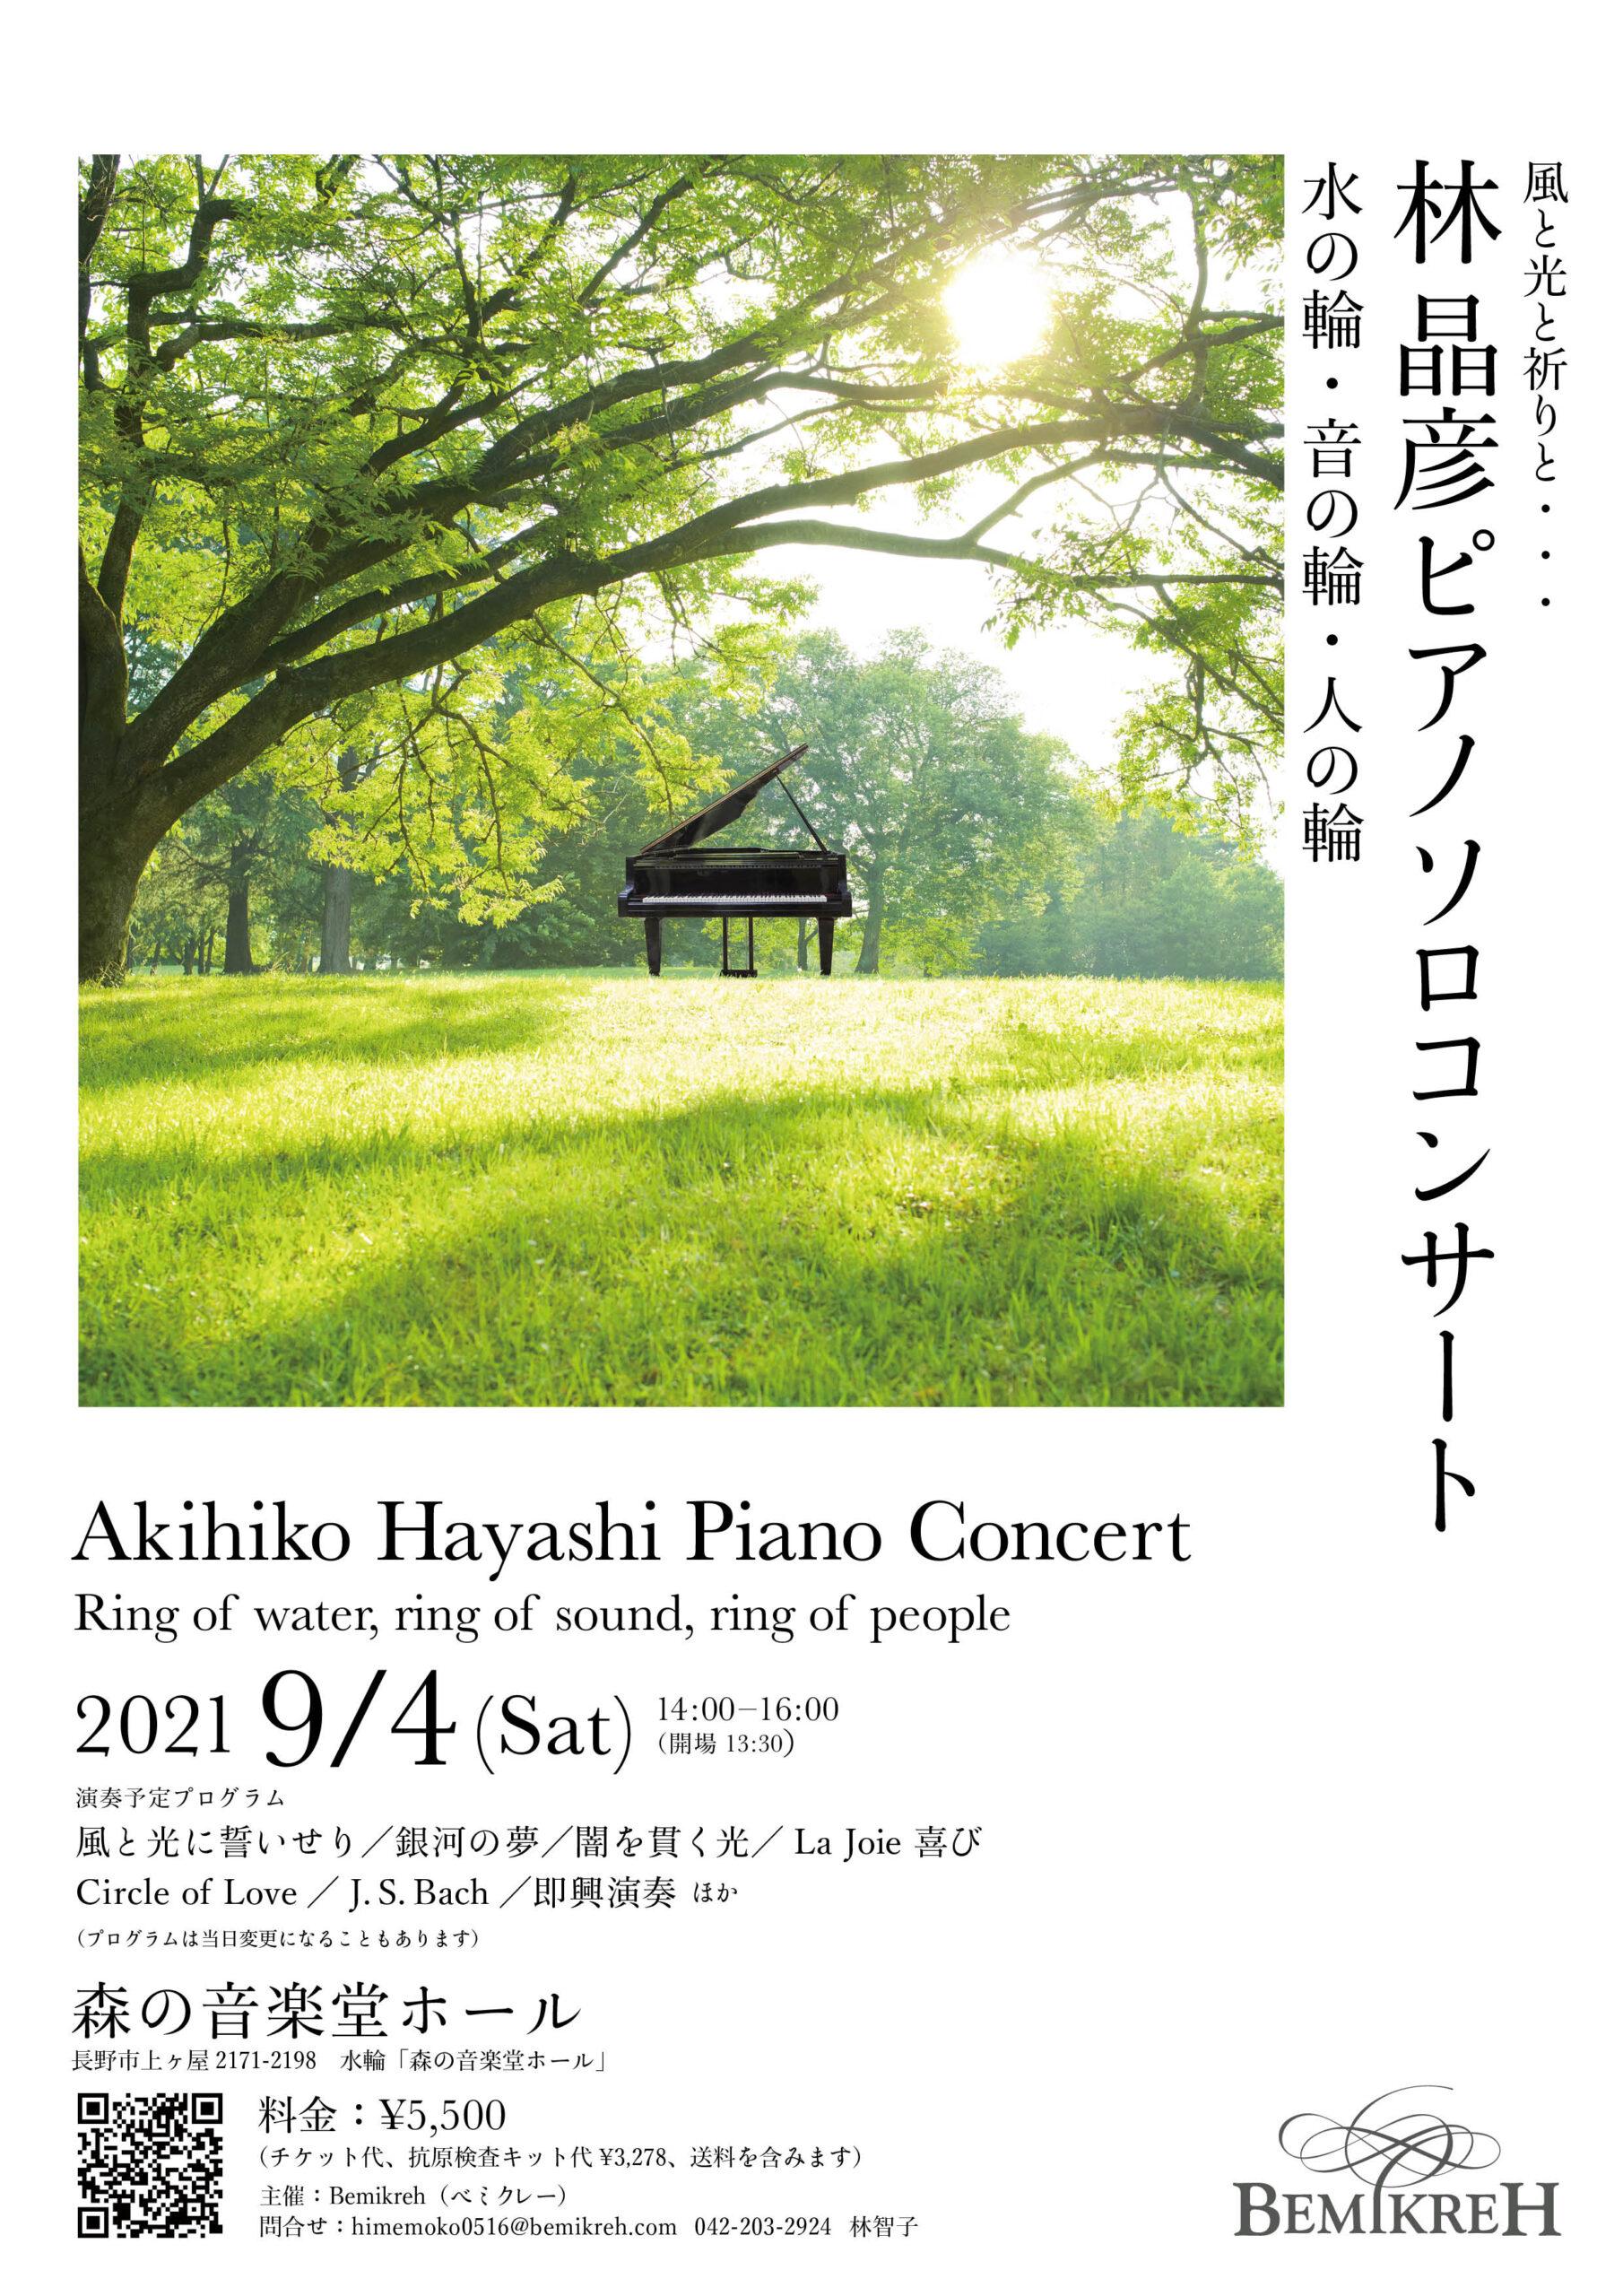 森の音楽堂 林晶彦ピアノソロコンサート「風と光と祈りと・・・」